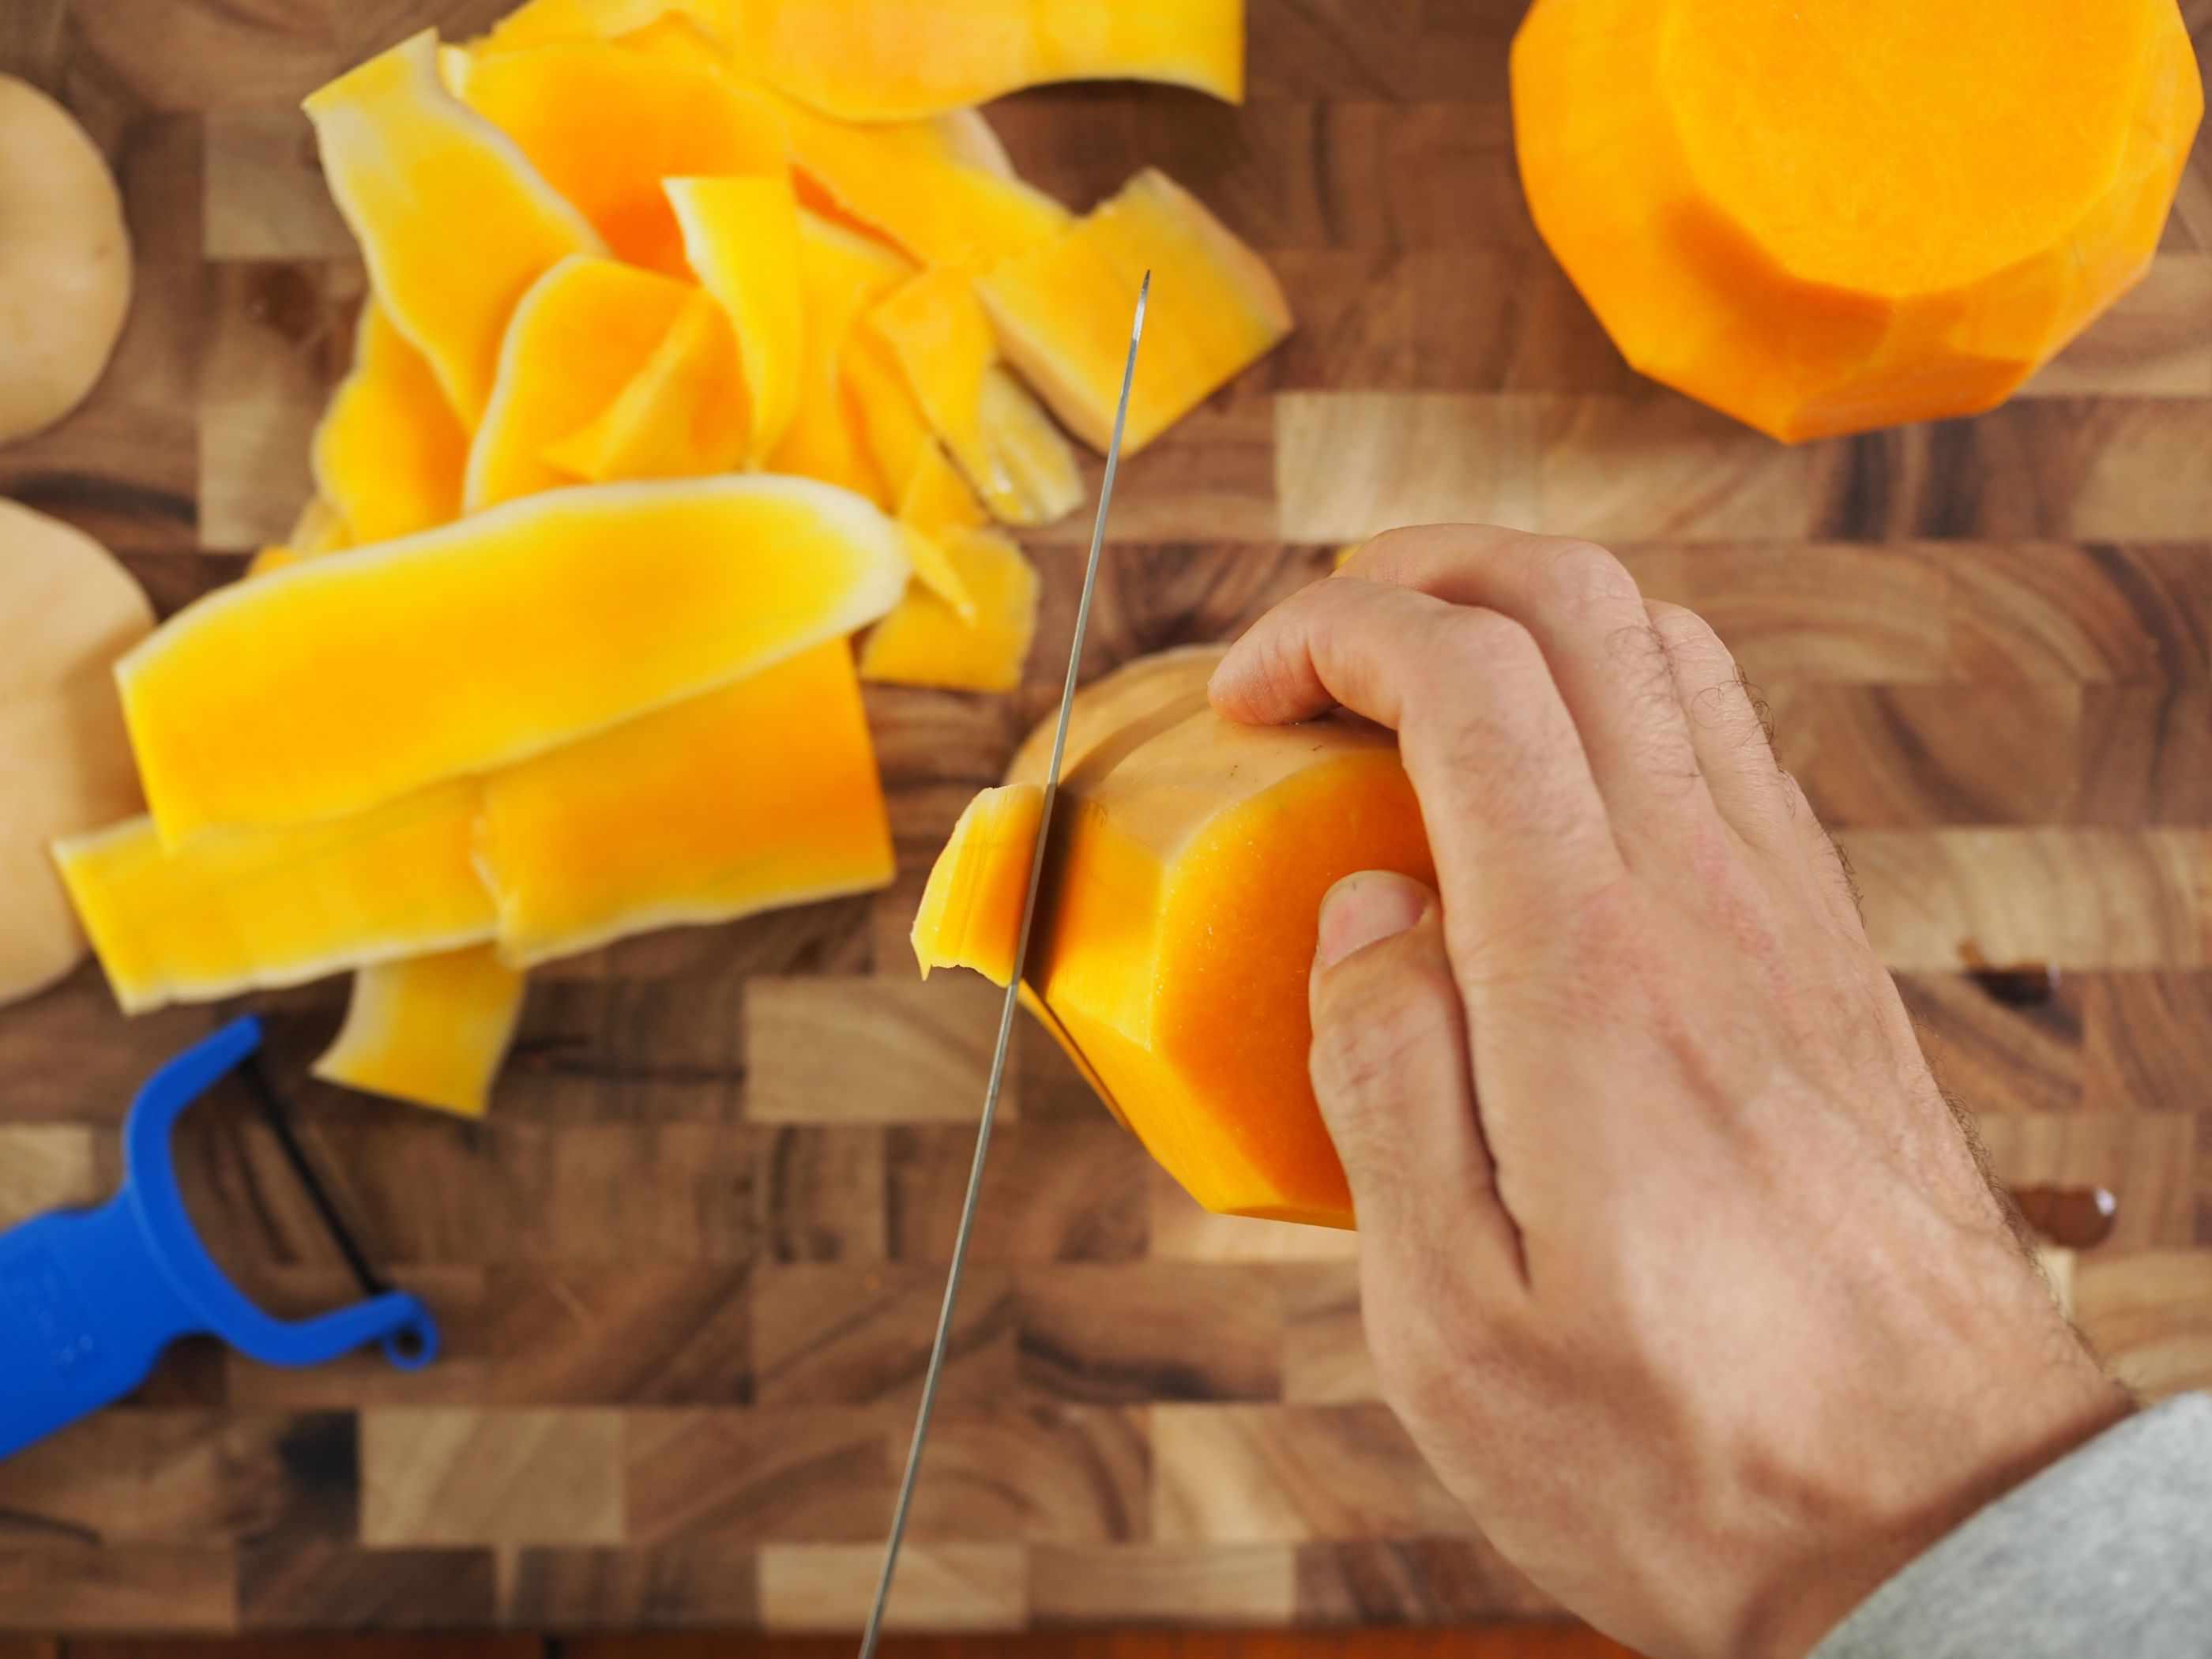 20141008-knife-skills-butternut-squash-daniel-gritzer11.jpg